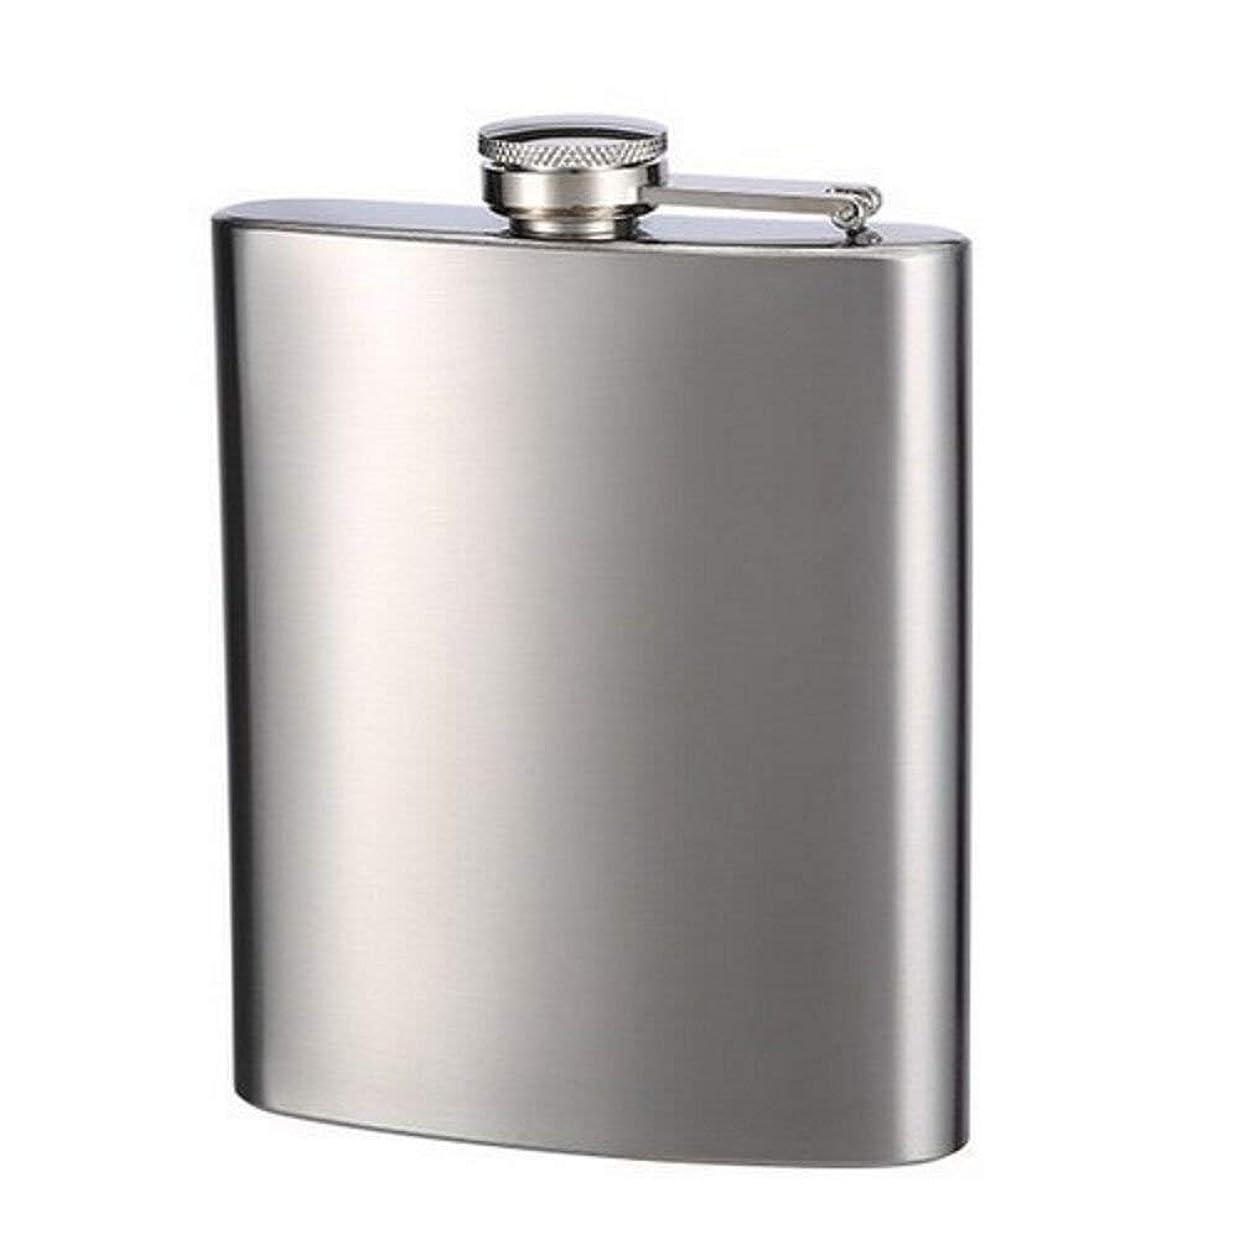 日付付きボトル大学voocye スキットル ヒップ フラスコ 8oz 220ml ステンレス製 錆びない ウイスキー 清酒 ボトル 携帯用 超軽 父の日 プレゼント